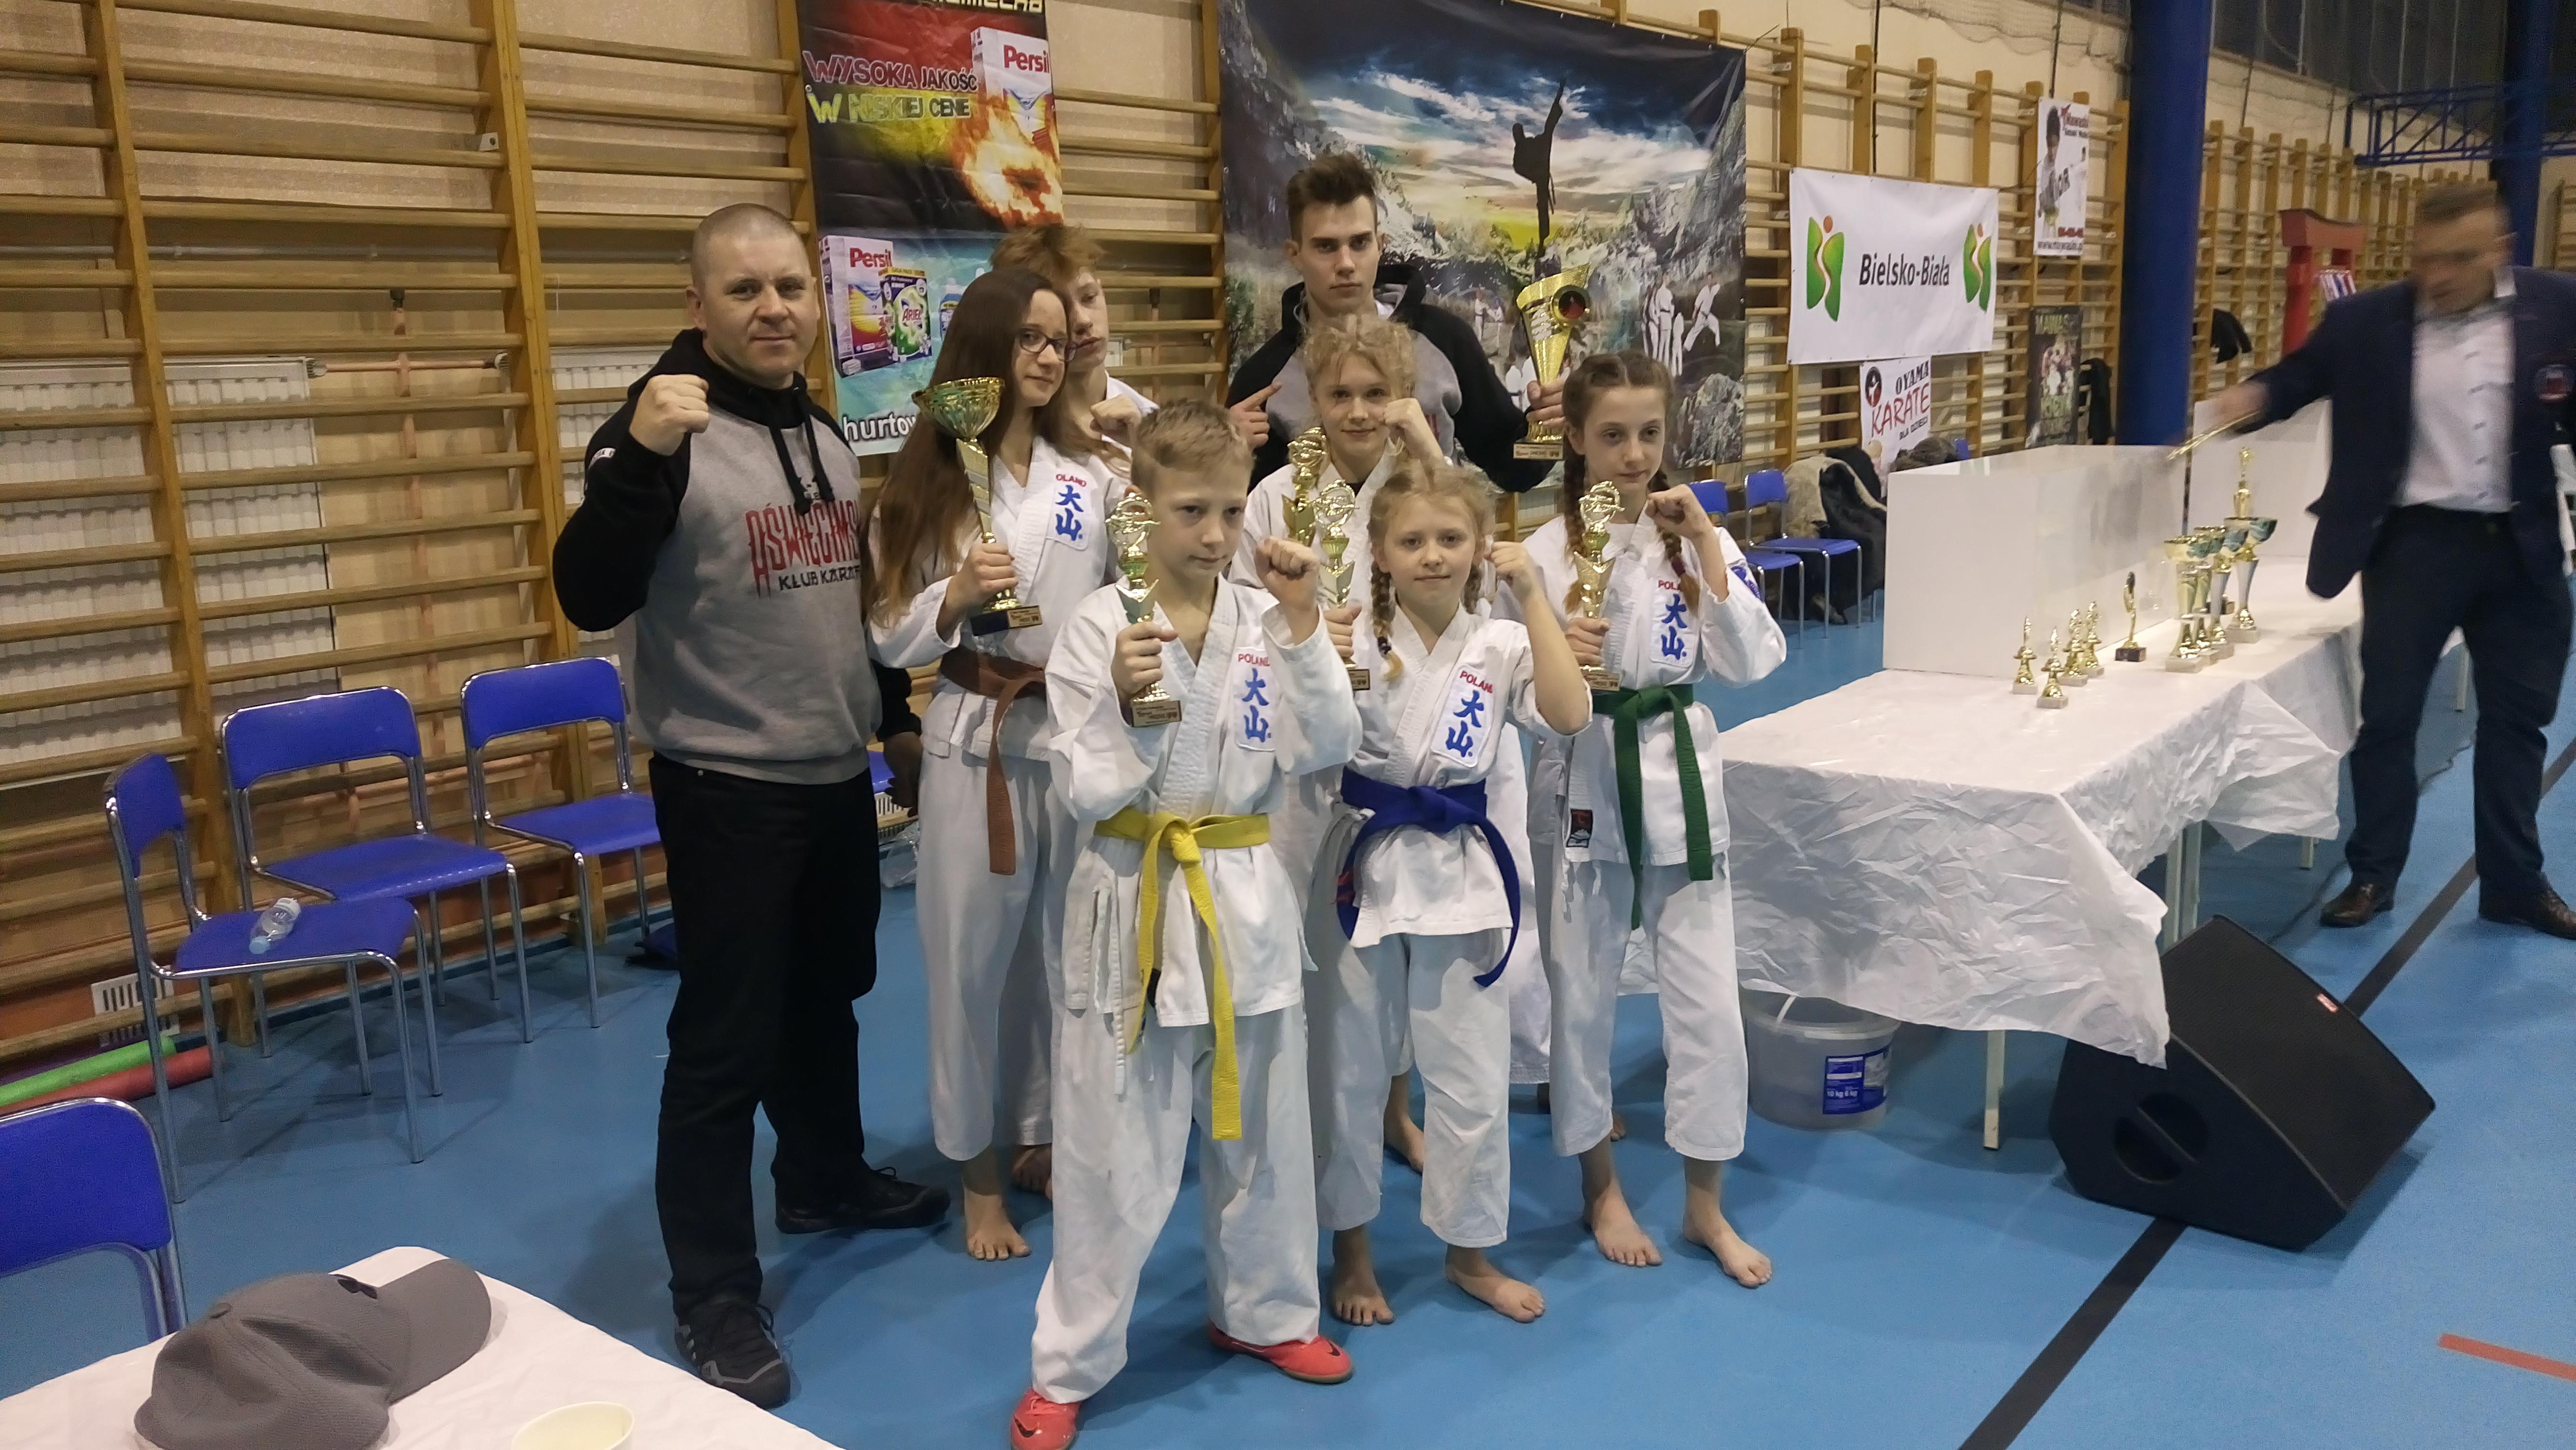 Przedstawiciele oświęcimskich sportów walki pokazali się z dobrej strony w Bielsku-Białej. Fot. zbiory klubu